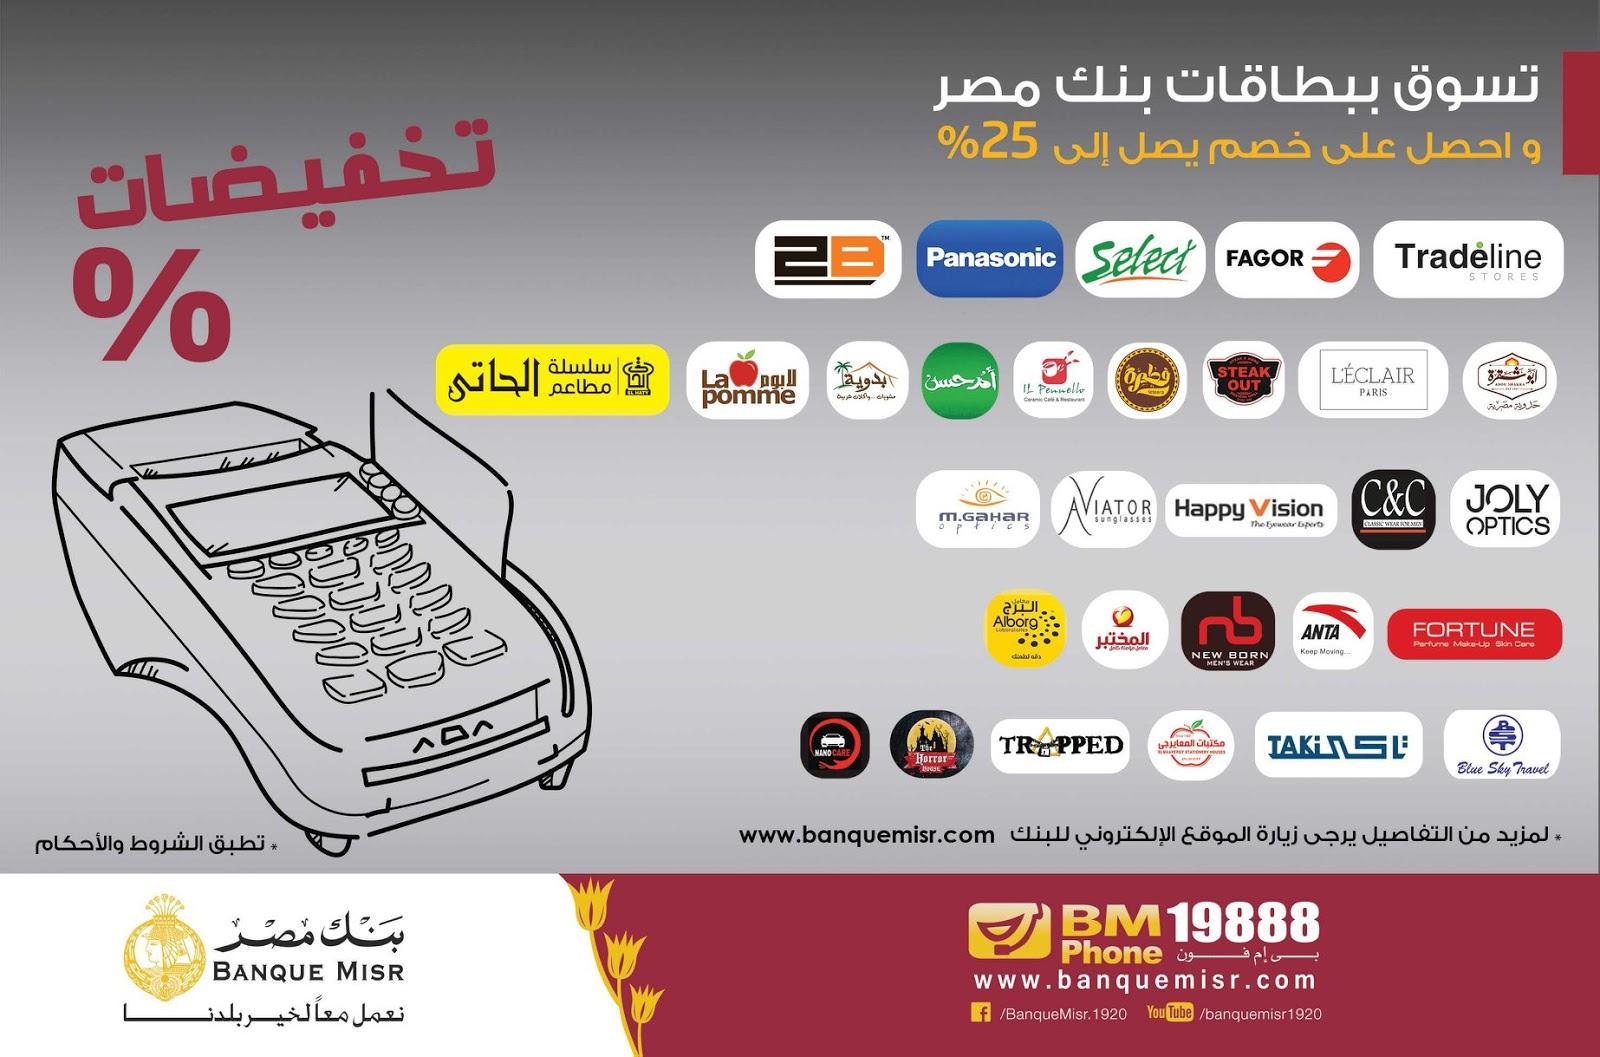 اماكن تقسيط فيزا بنك مصر بدون فوائد 2018 عروض السوق